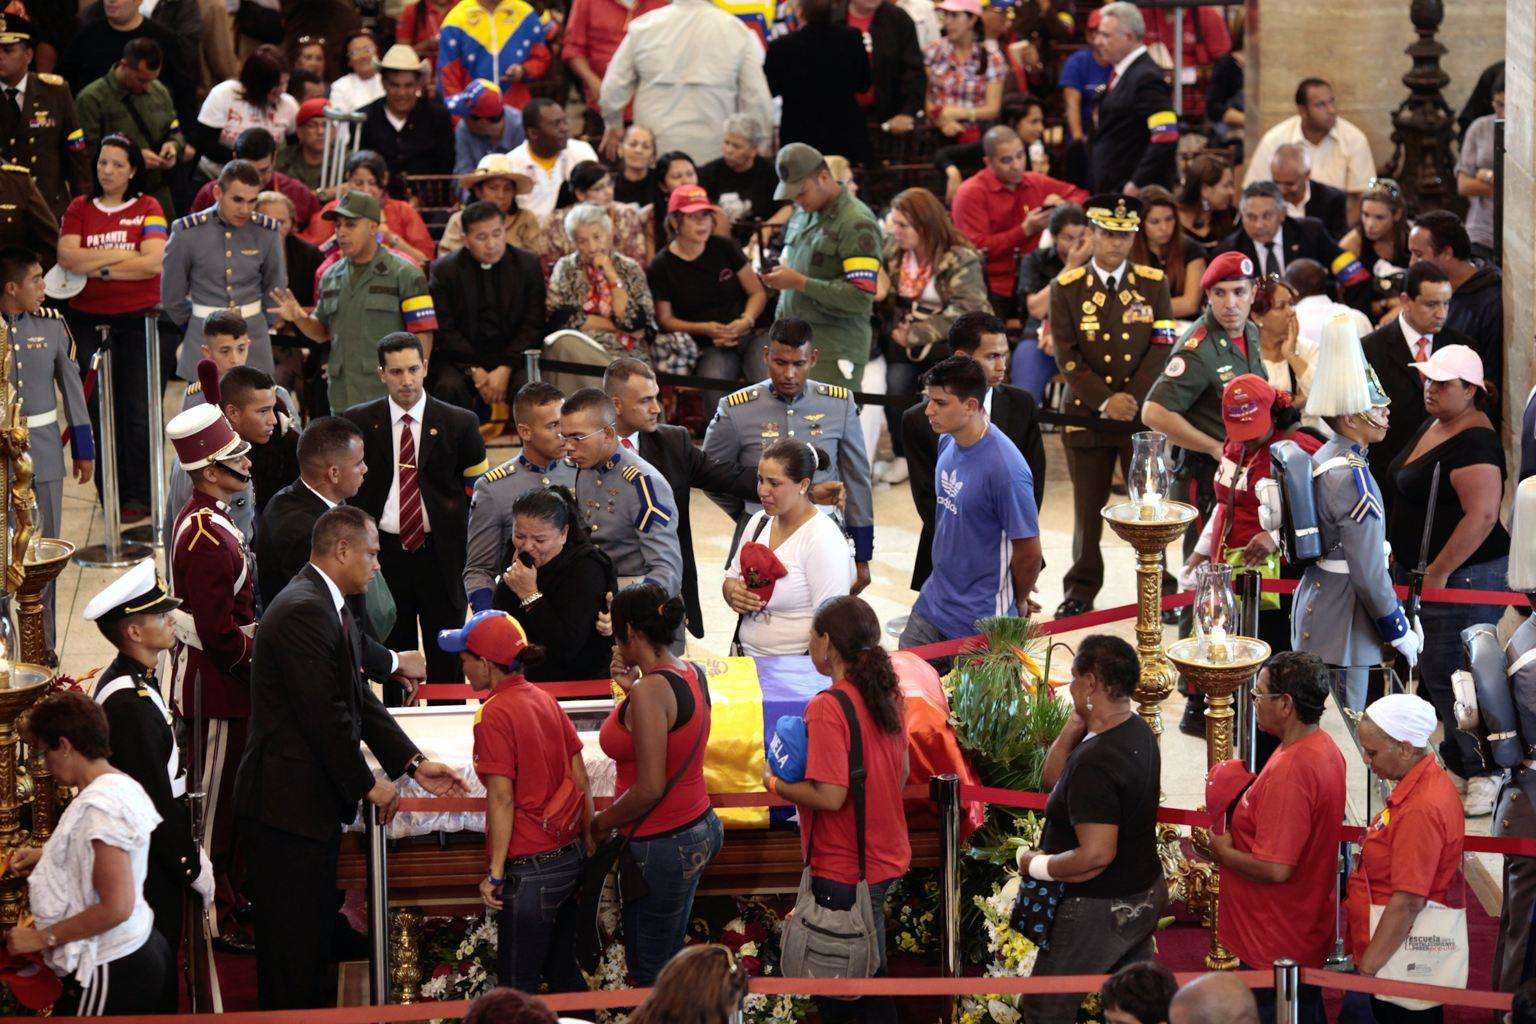 L'élection présidentielle au Venezuela fixée au 14 avril